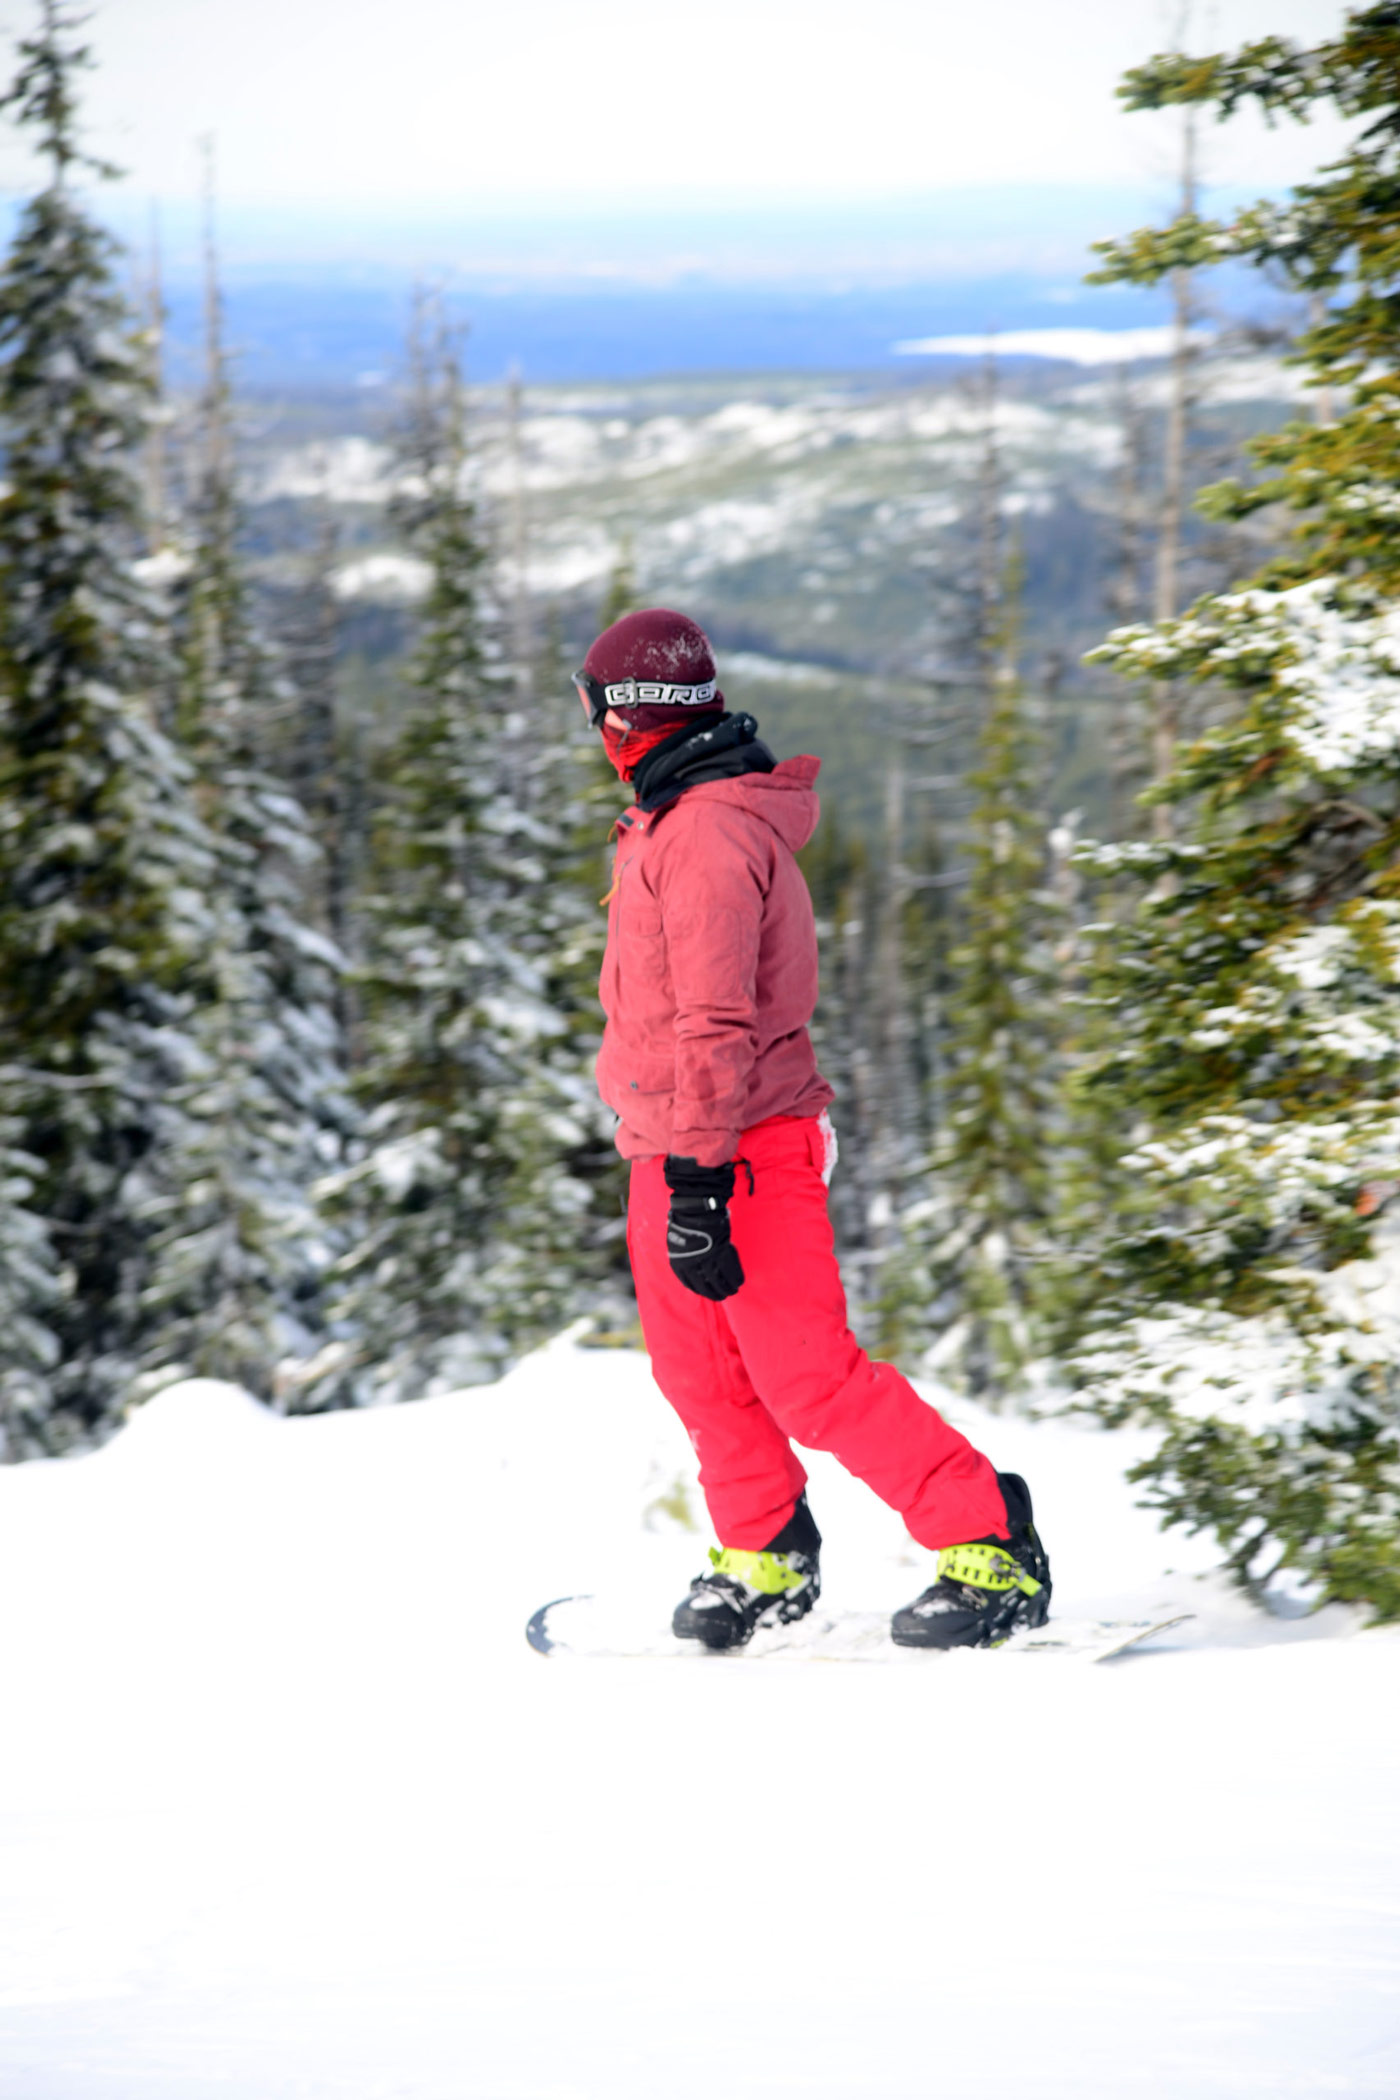 Snowboard at Mt Timothy